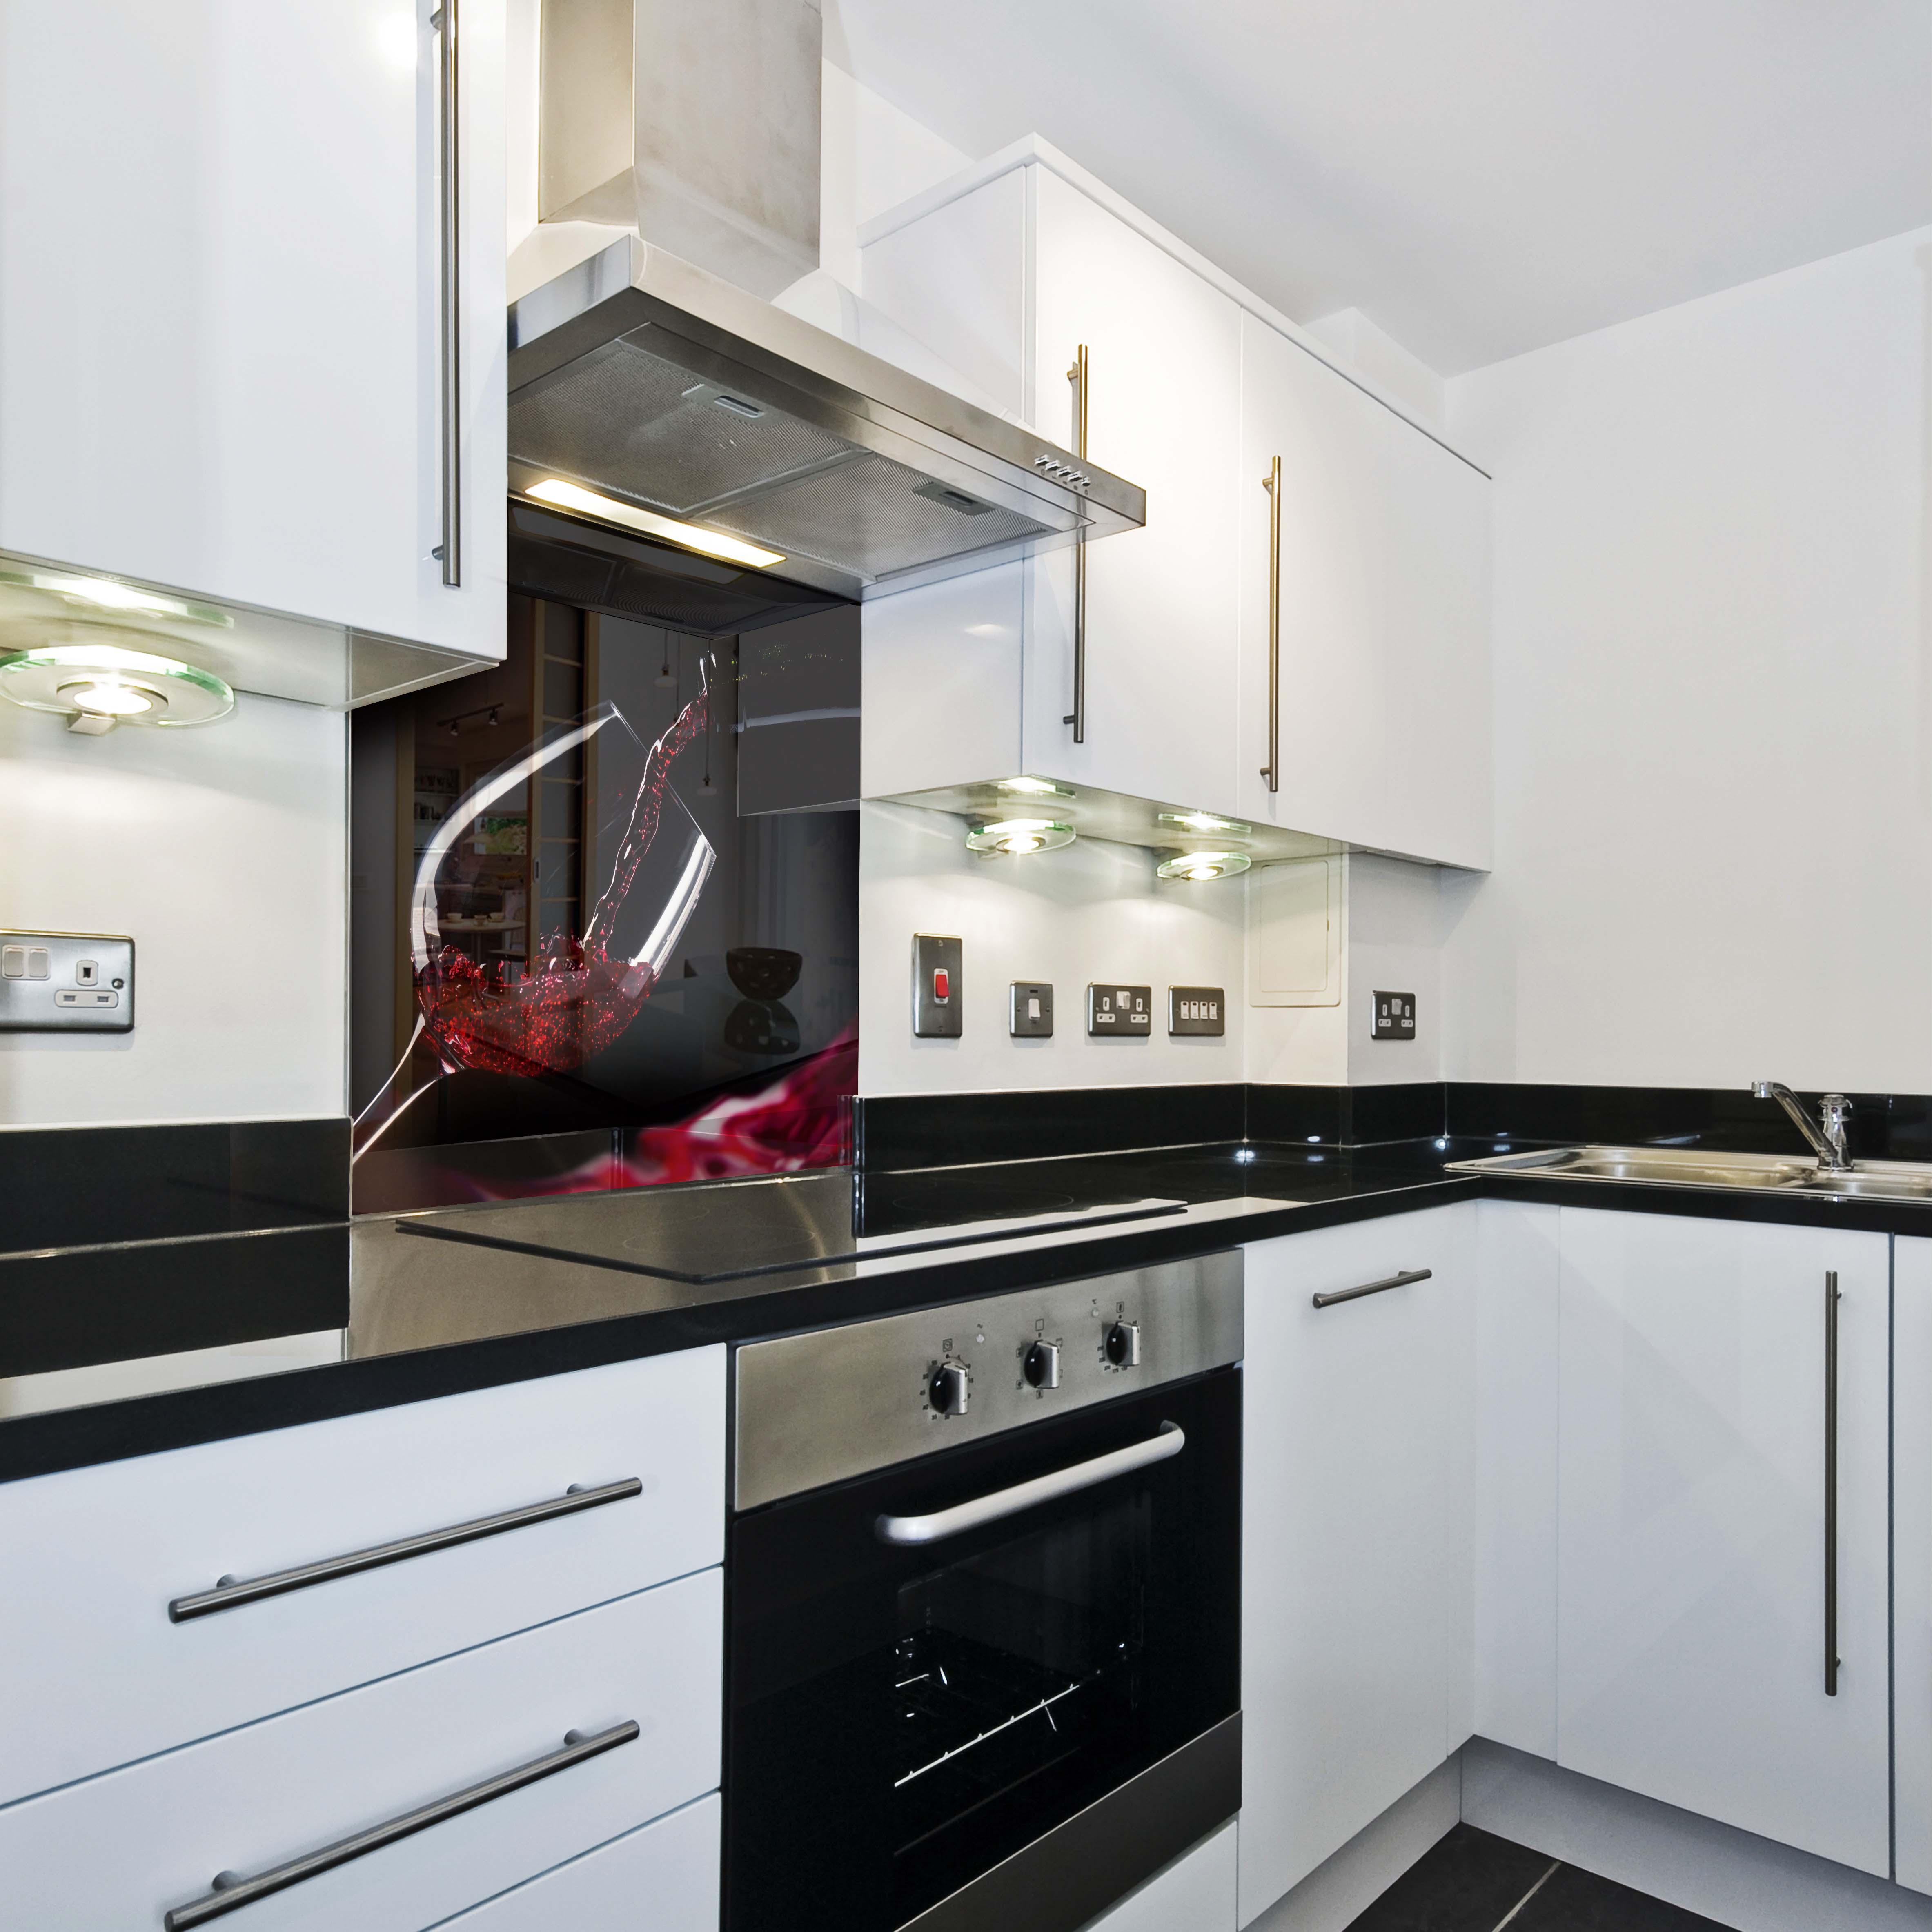 k chenr ckwand spritzschutz k che geh rtetes glas wein. Black Bedroom Furniture Sets. Home Design Ideas